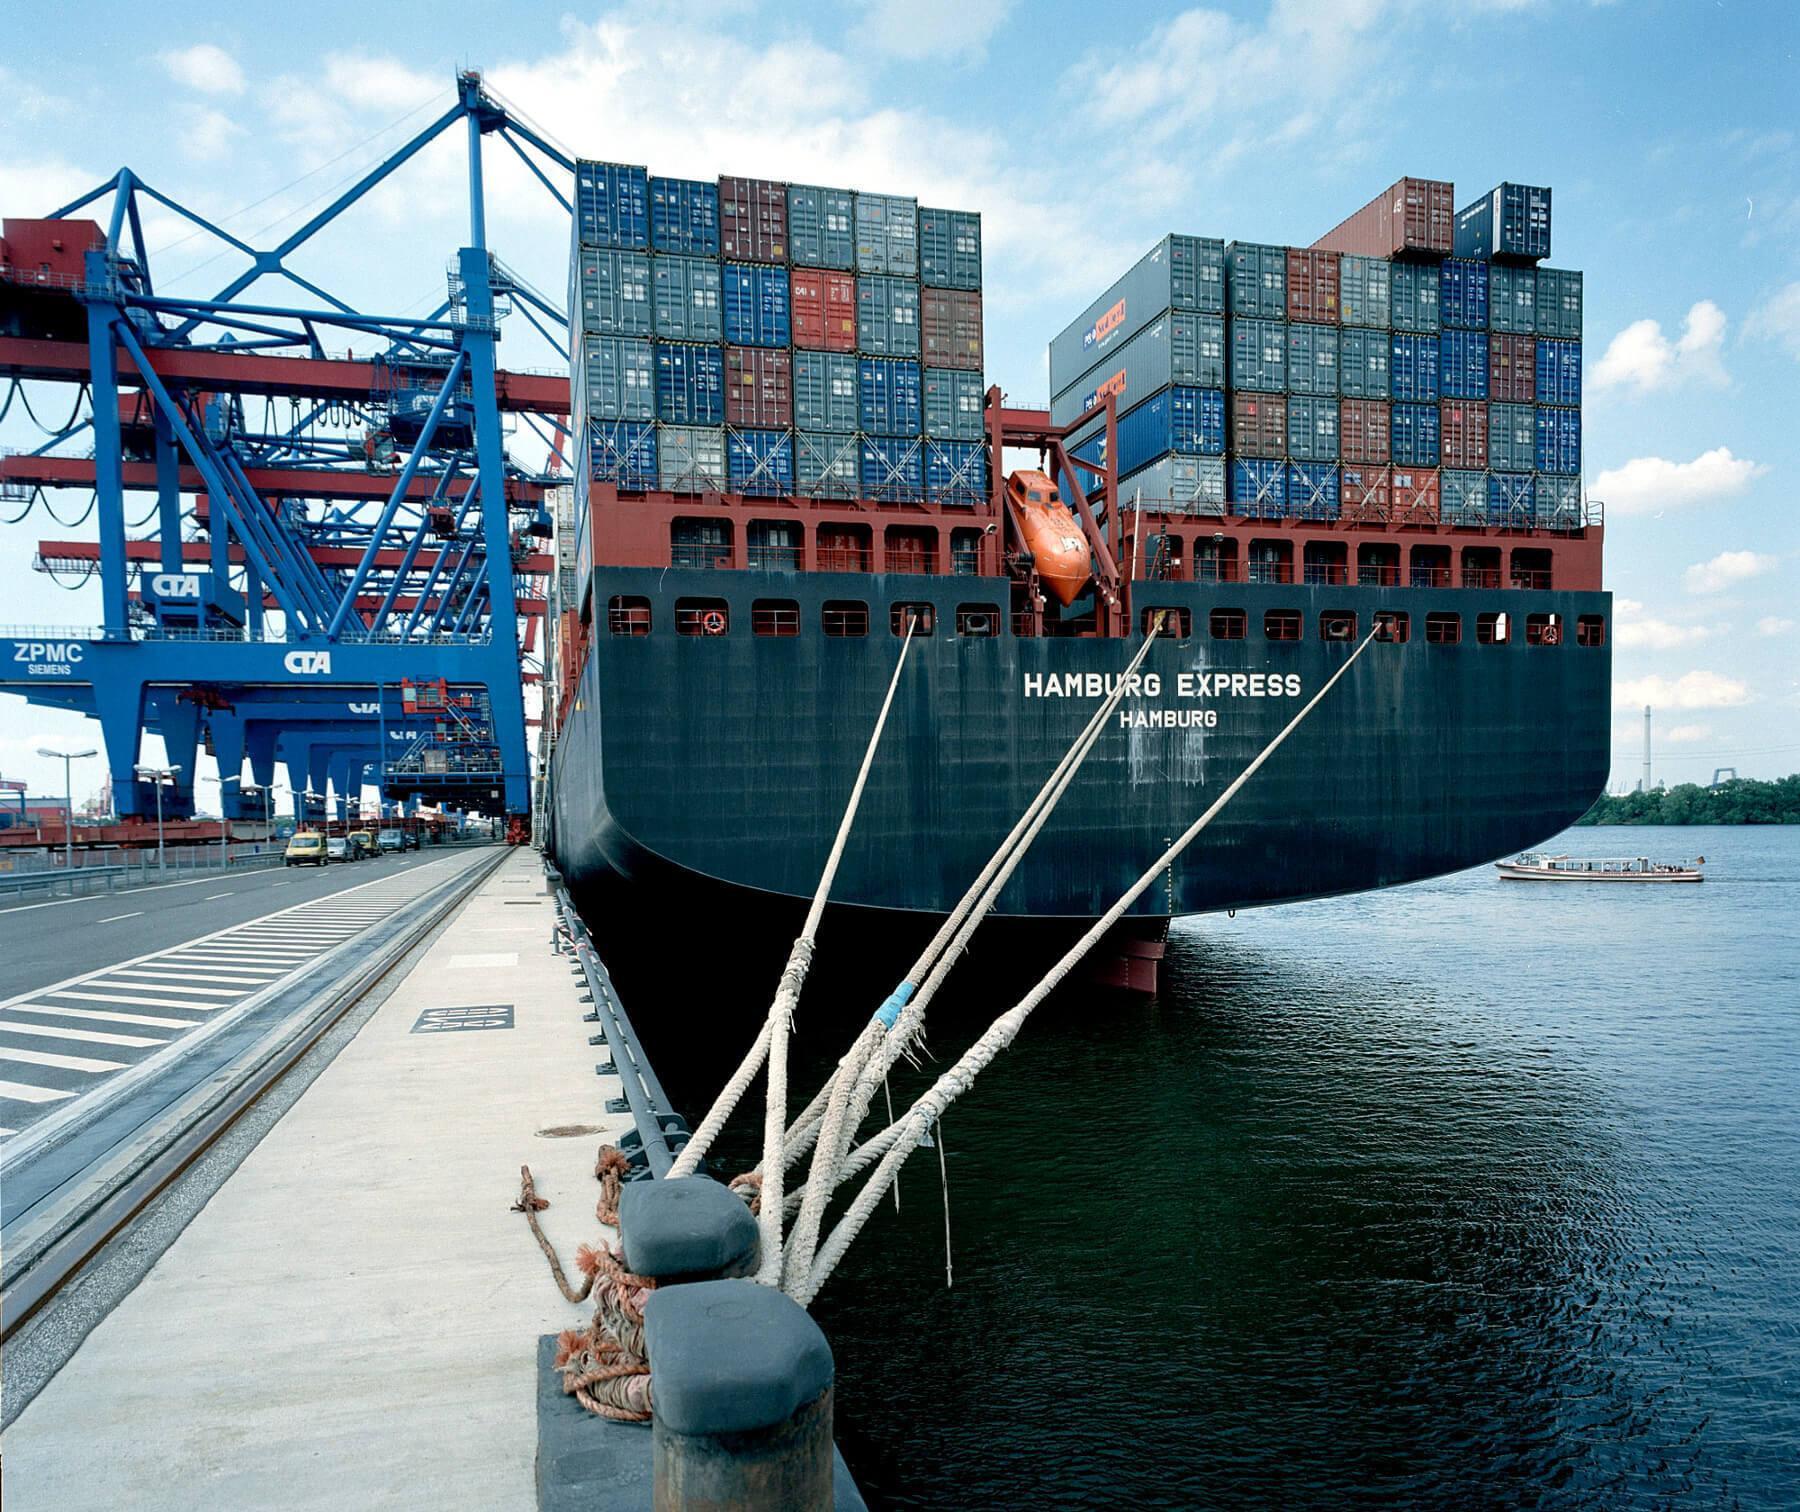 Cước vận chuyển container tăng không tưởng, thị trường hỗn loạn - 2